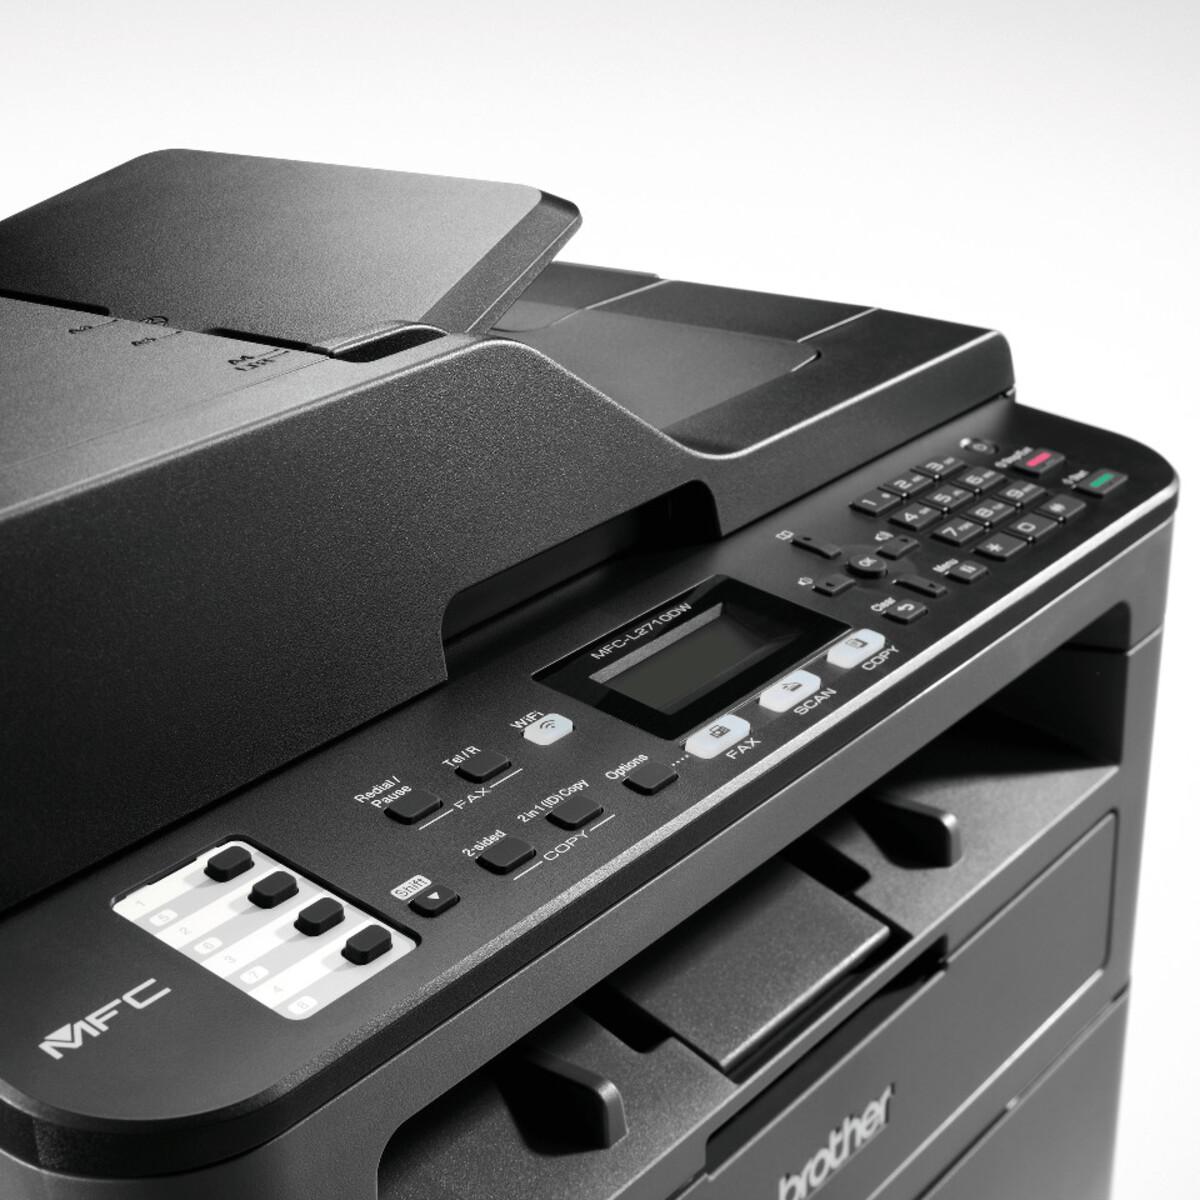 Bild 5 von BROTHER MFC-L2710DW schwarz Multifunktionsdrucker (Schwarzweiß-Laserdrucker, 4-in-1, Scanner, Kopierer, Fax, WLAN, LAN, USB 2.0, Duplex, MFCL2710DWG1)